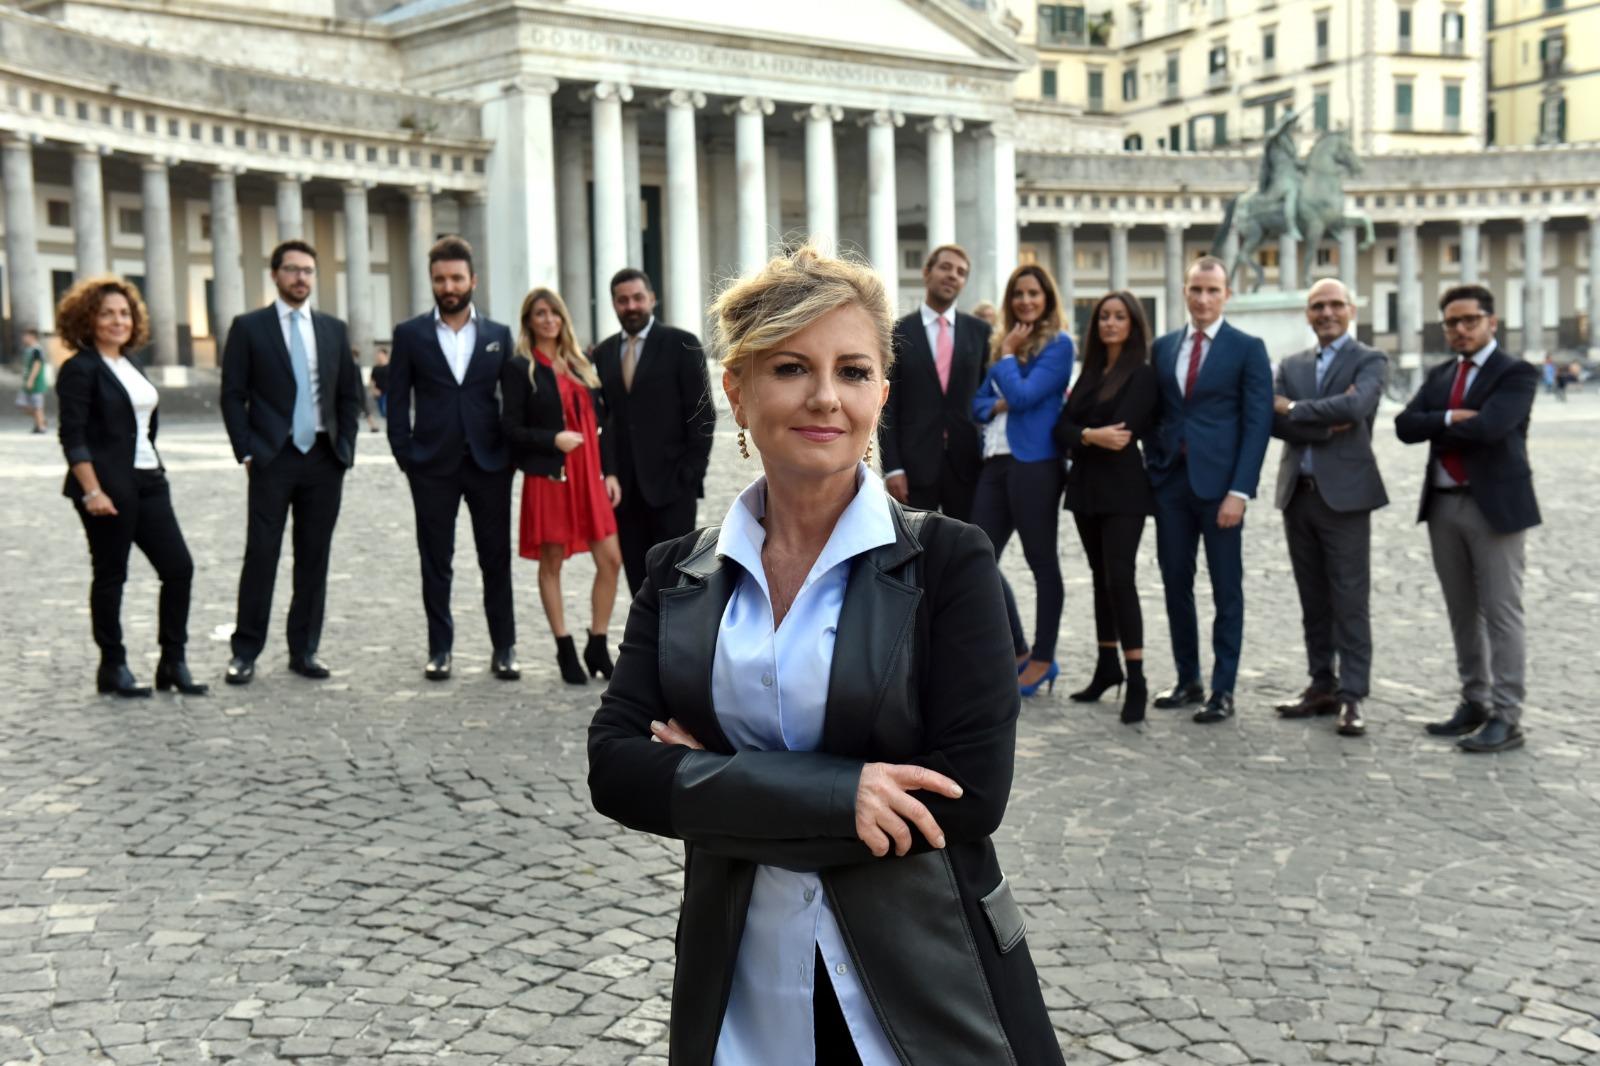 Studi legali dell'anno 2020, Mandico&Partners tra i migliori d'Italia per Il Sole 24 Ore